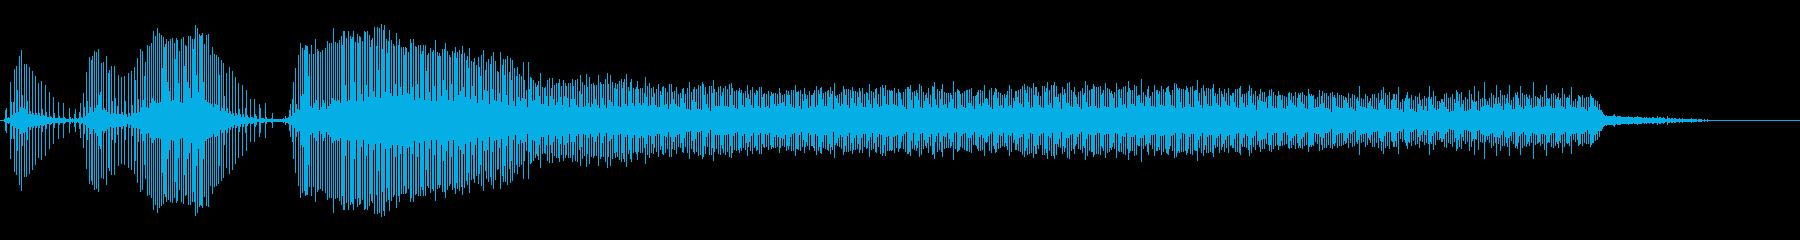 ドリルハンドハンマードリルスタート...の再生済みの波形